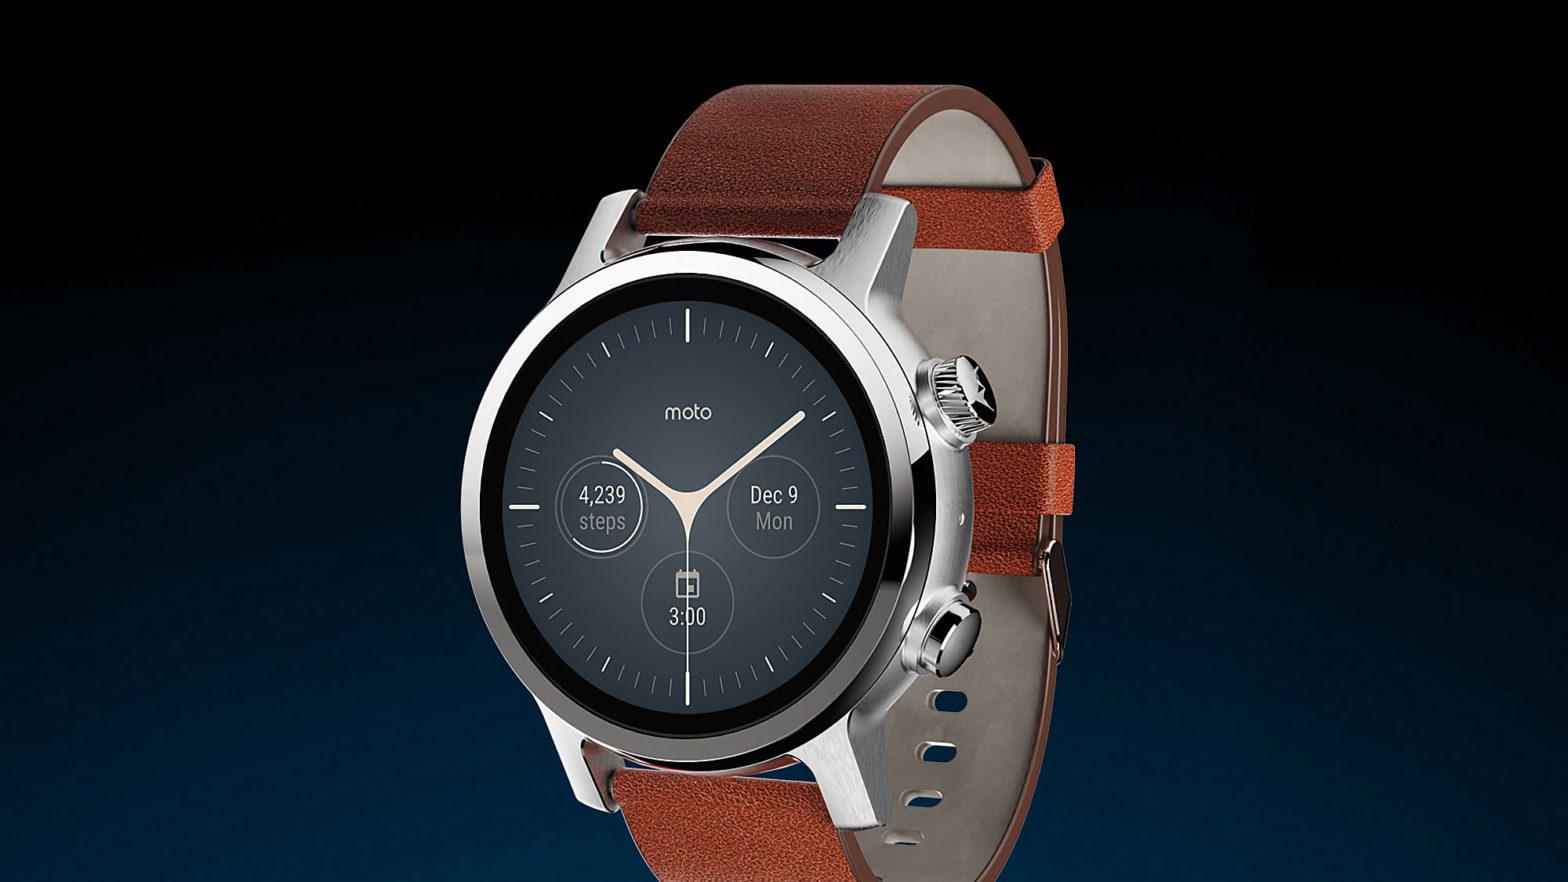 Moto360 Third-Generation Smartwatch